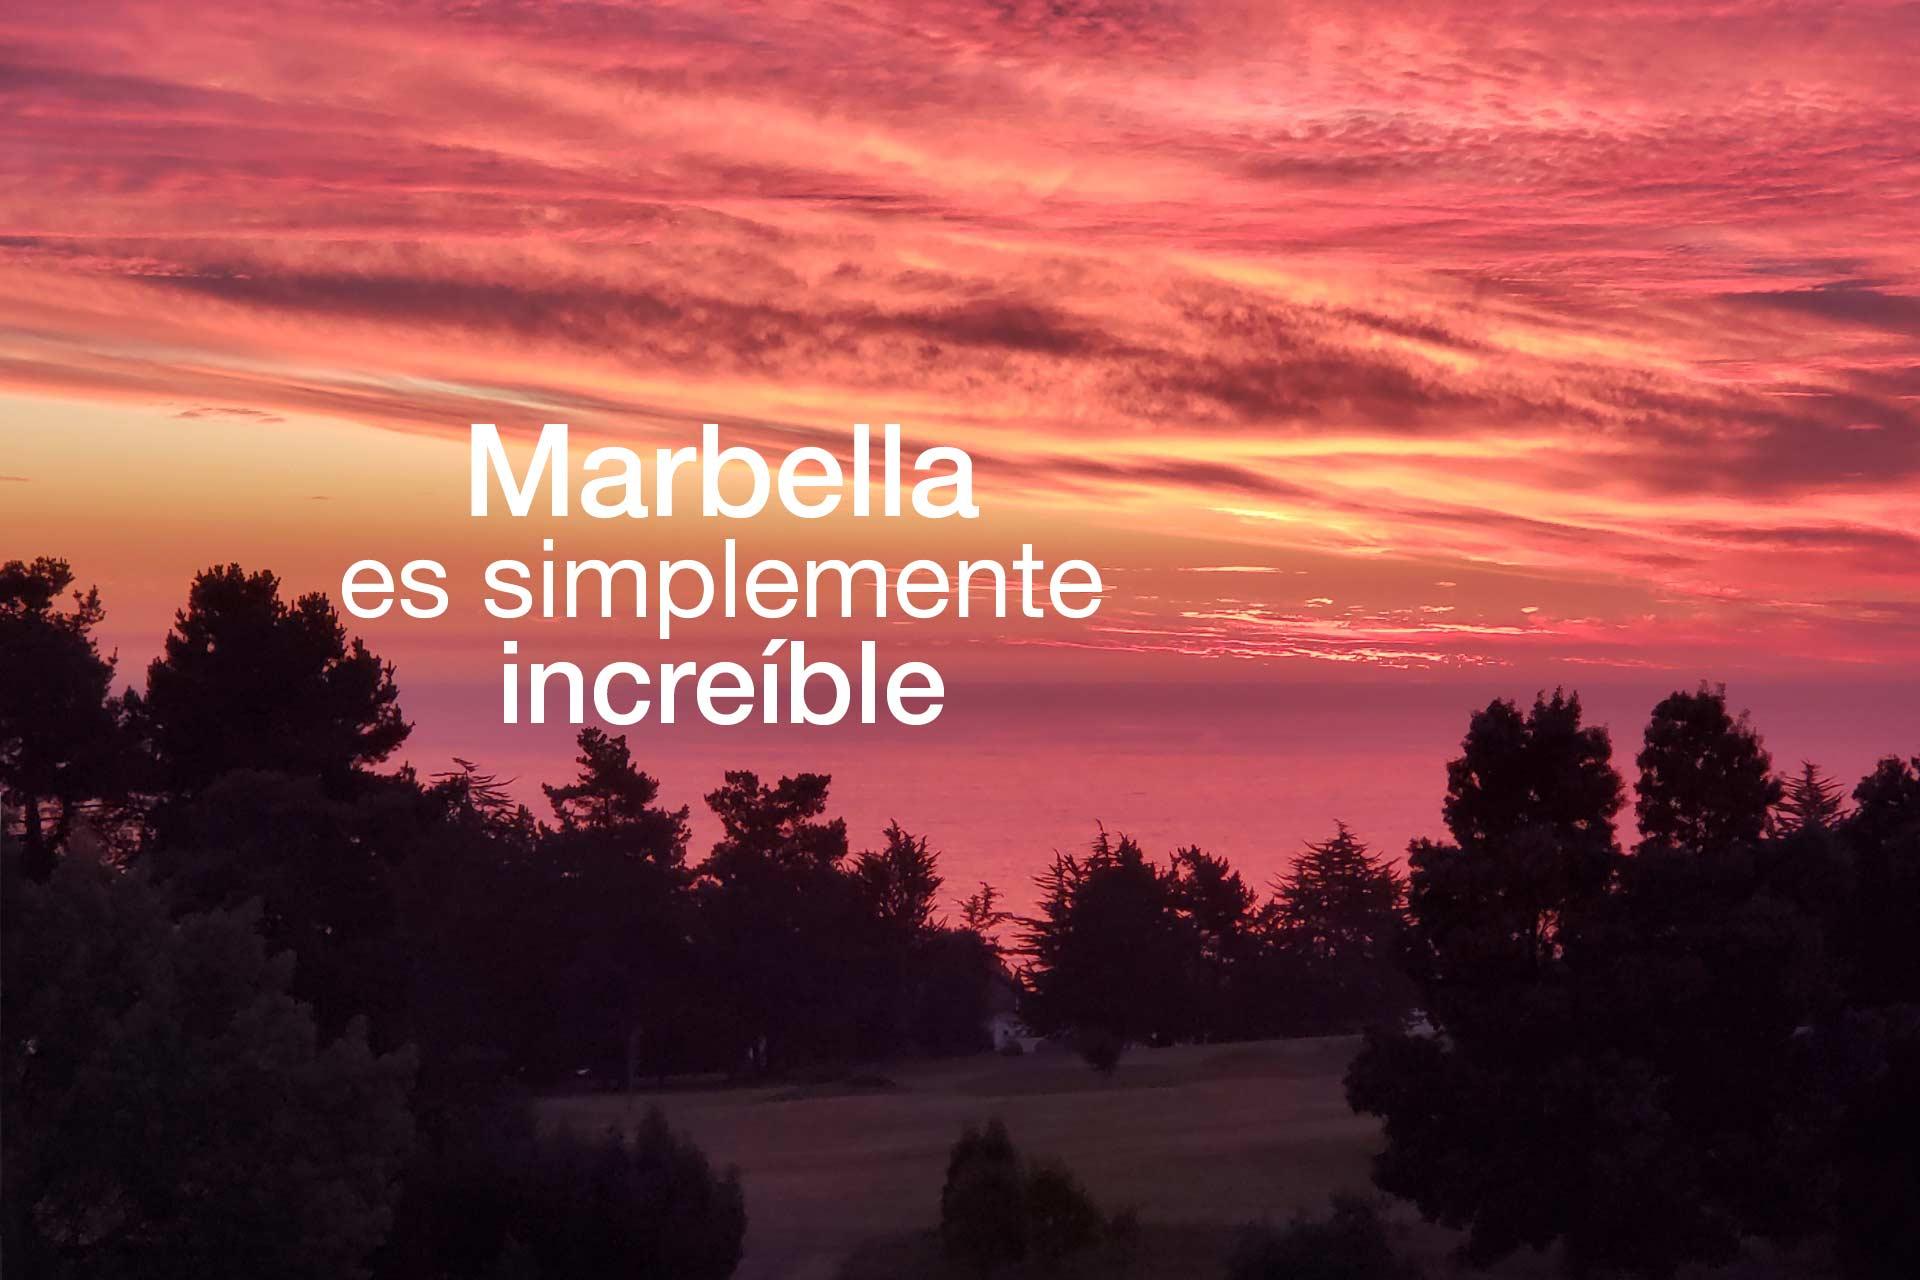 Marbella es simplemente increíble